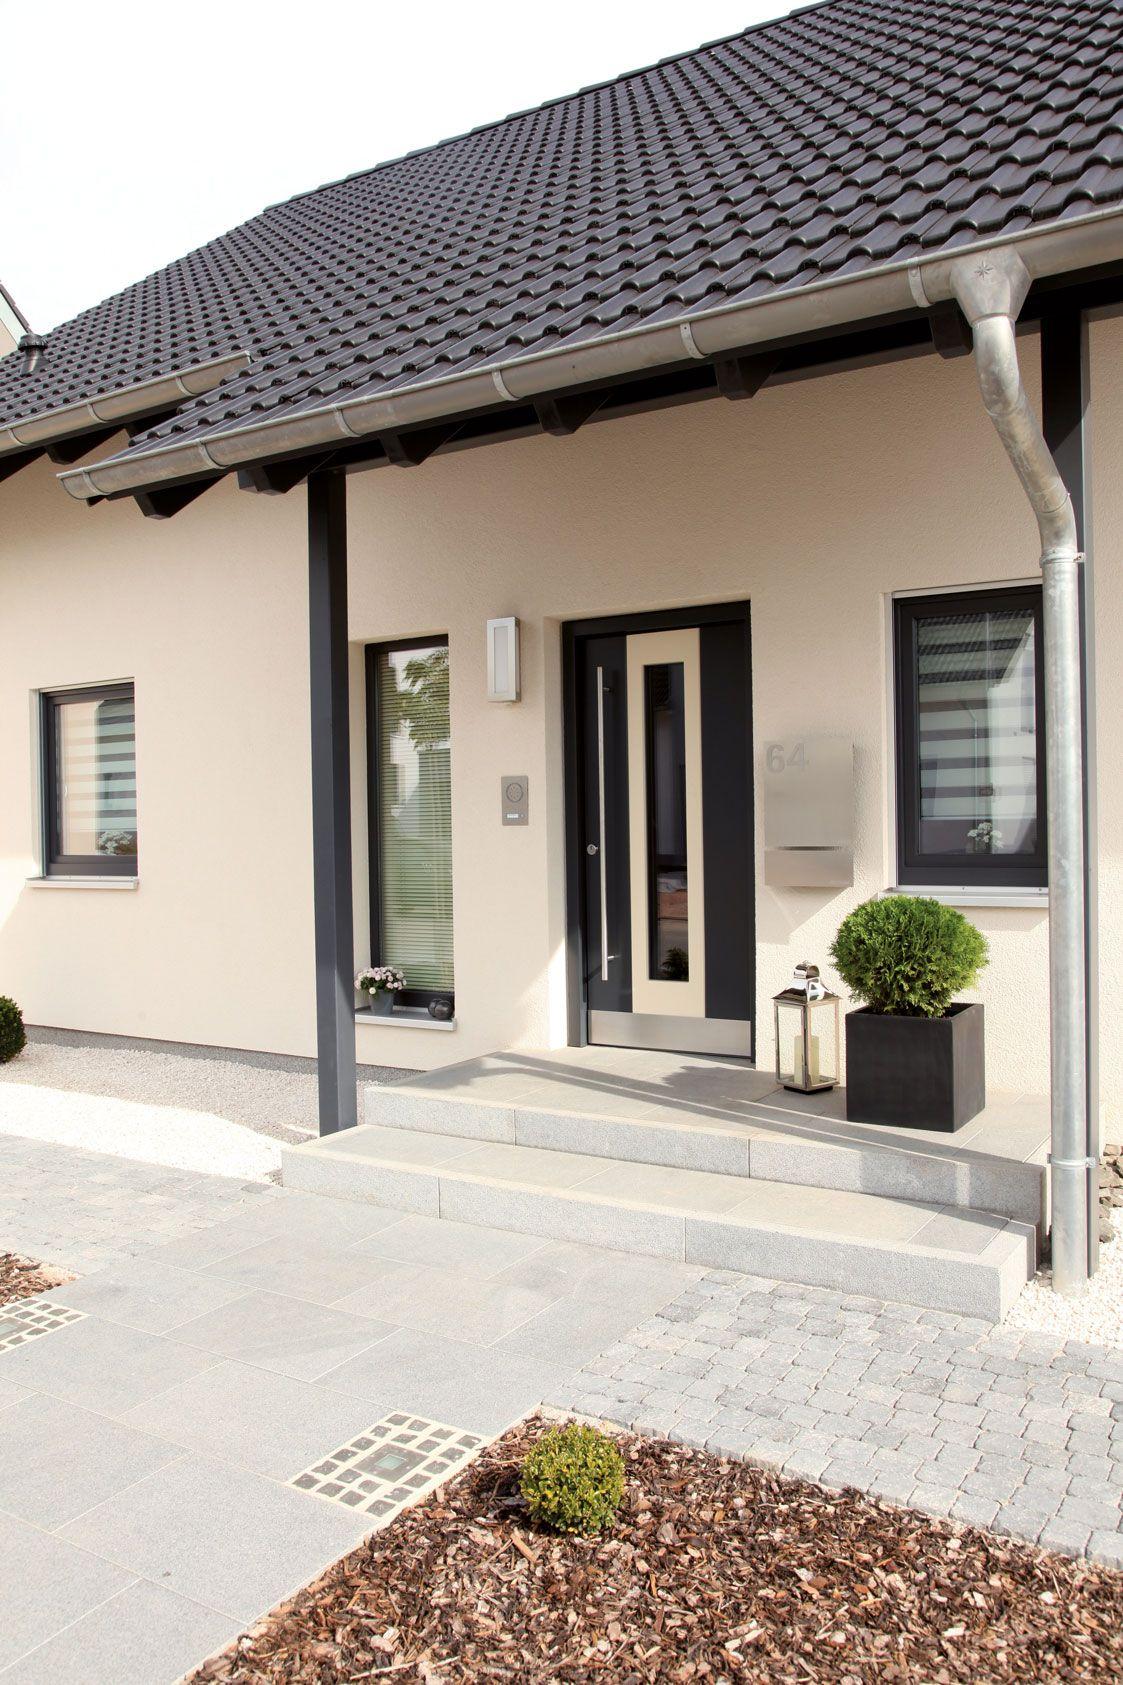 hauseingang mit dunkler haust r und dunklen s ulen einfamilienhaus traumhaus f r zwei vio. Black Bedroom Furniture Sets. Home Design Ideas